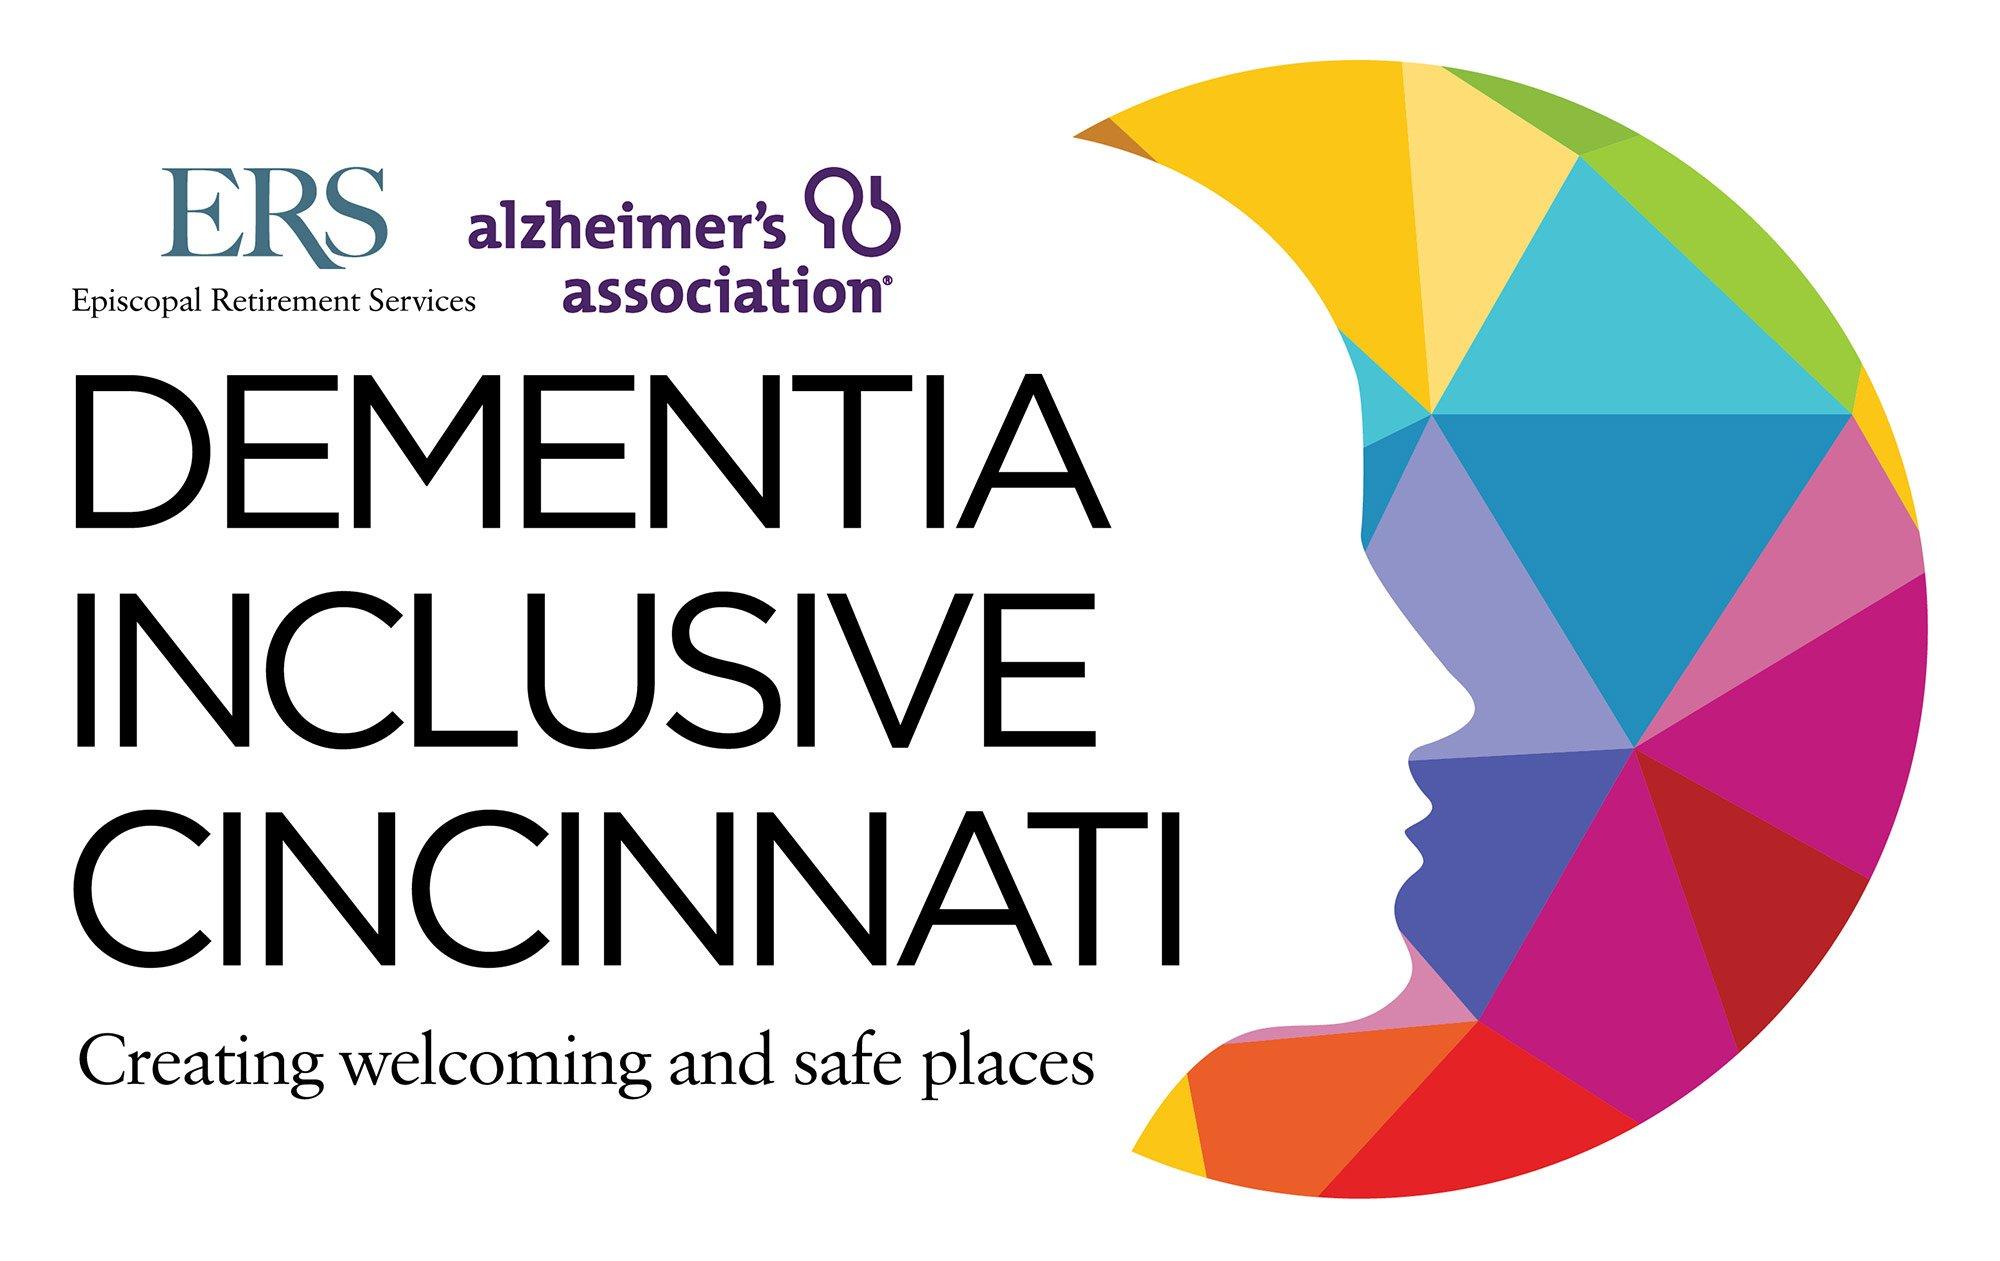 ERS Dementia Inclusive Cincinnati